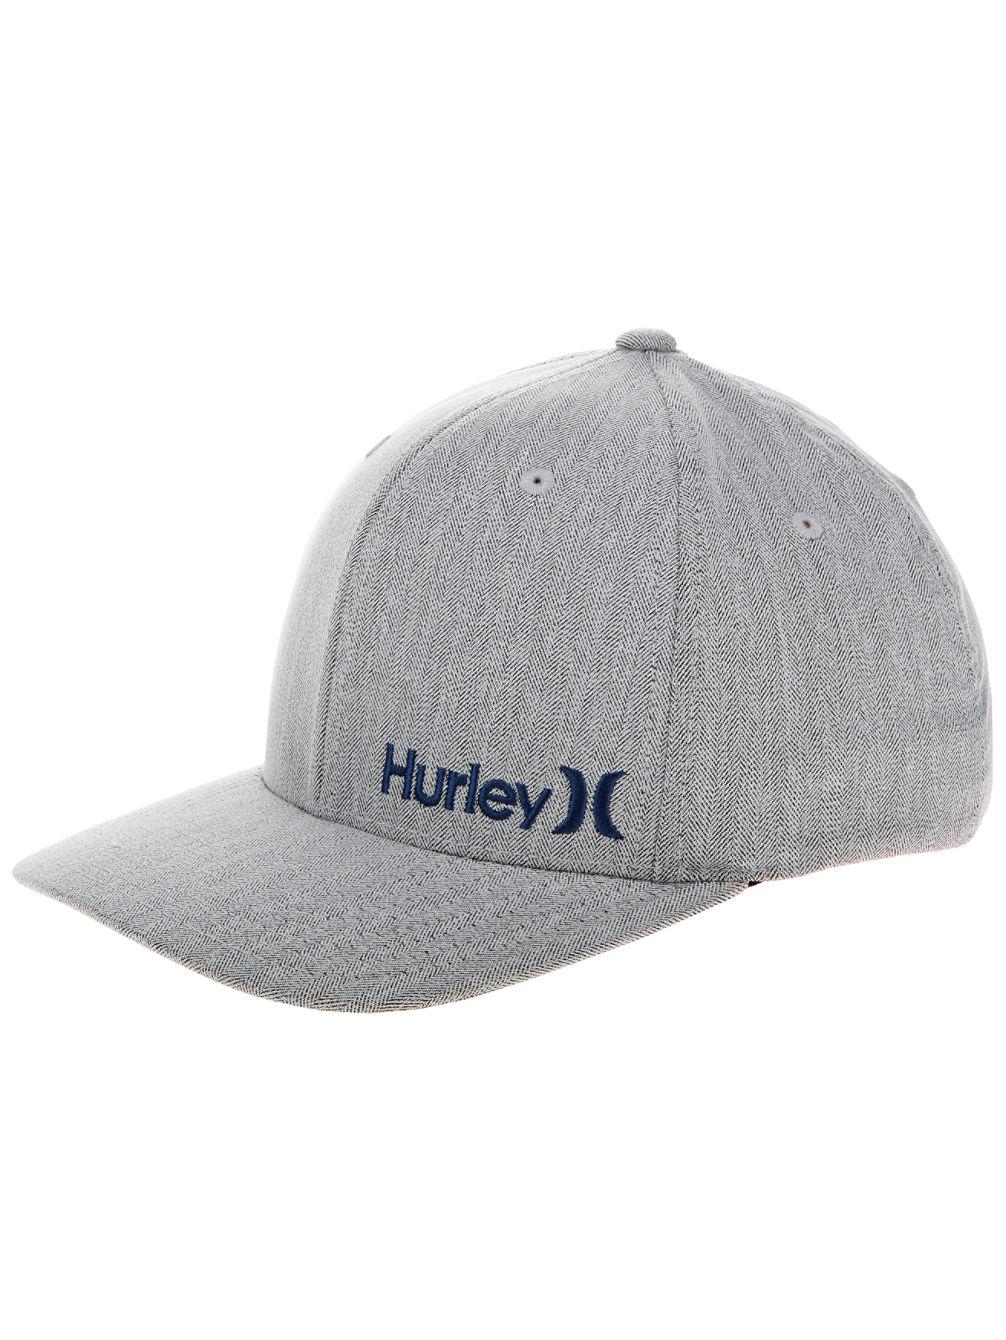 hurley-corp-textures-cap